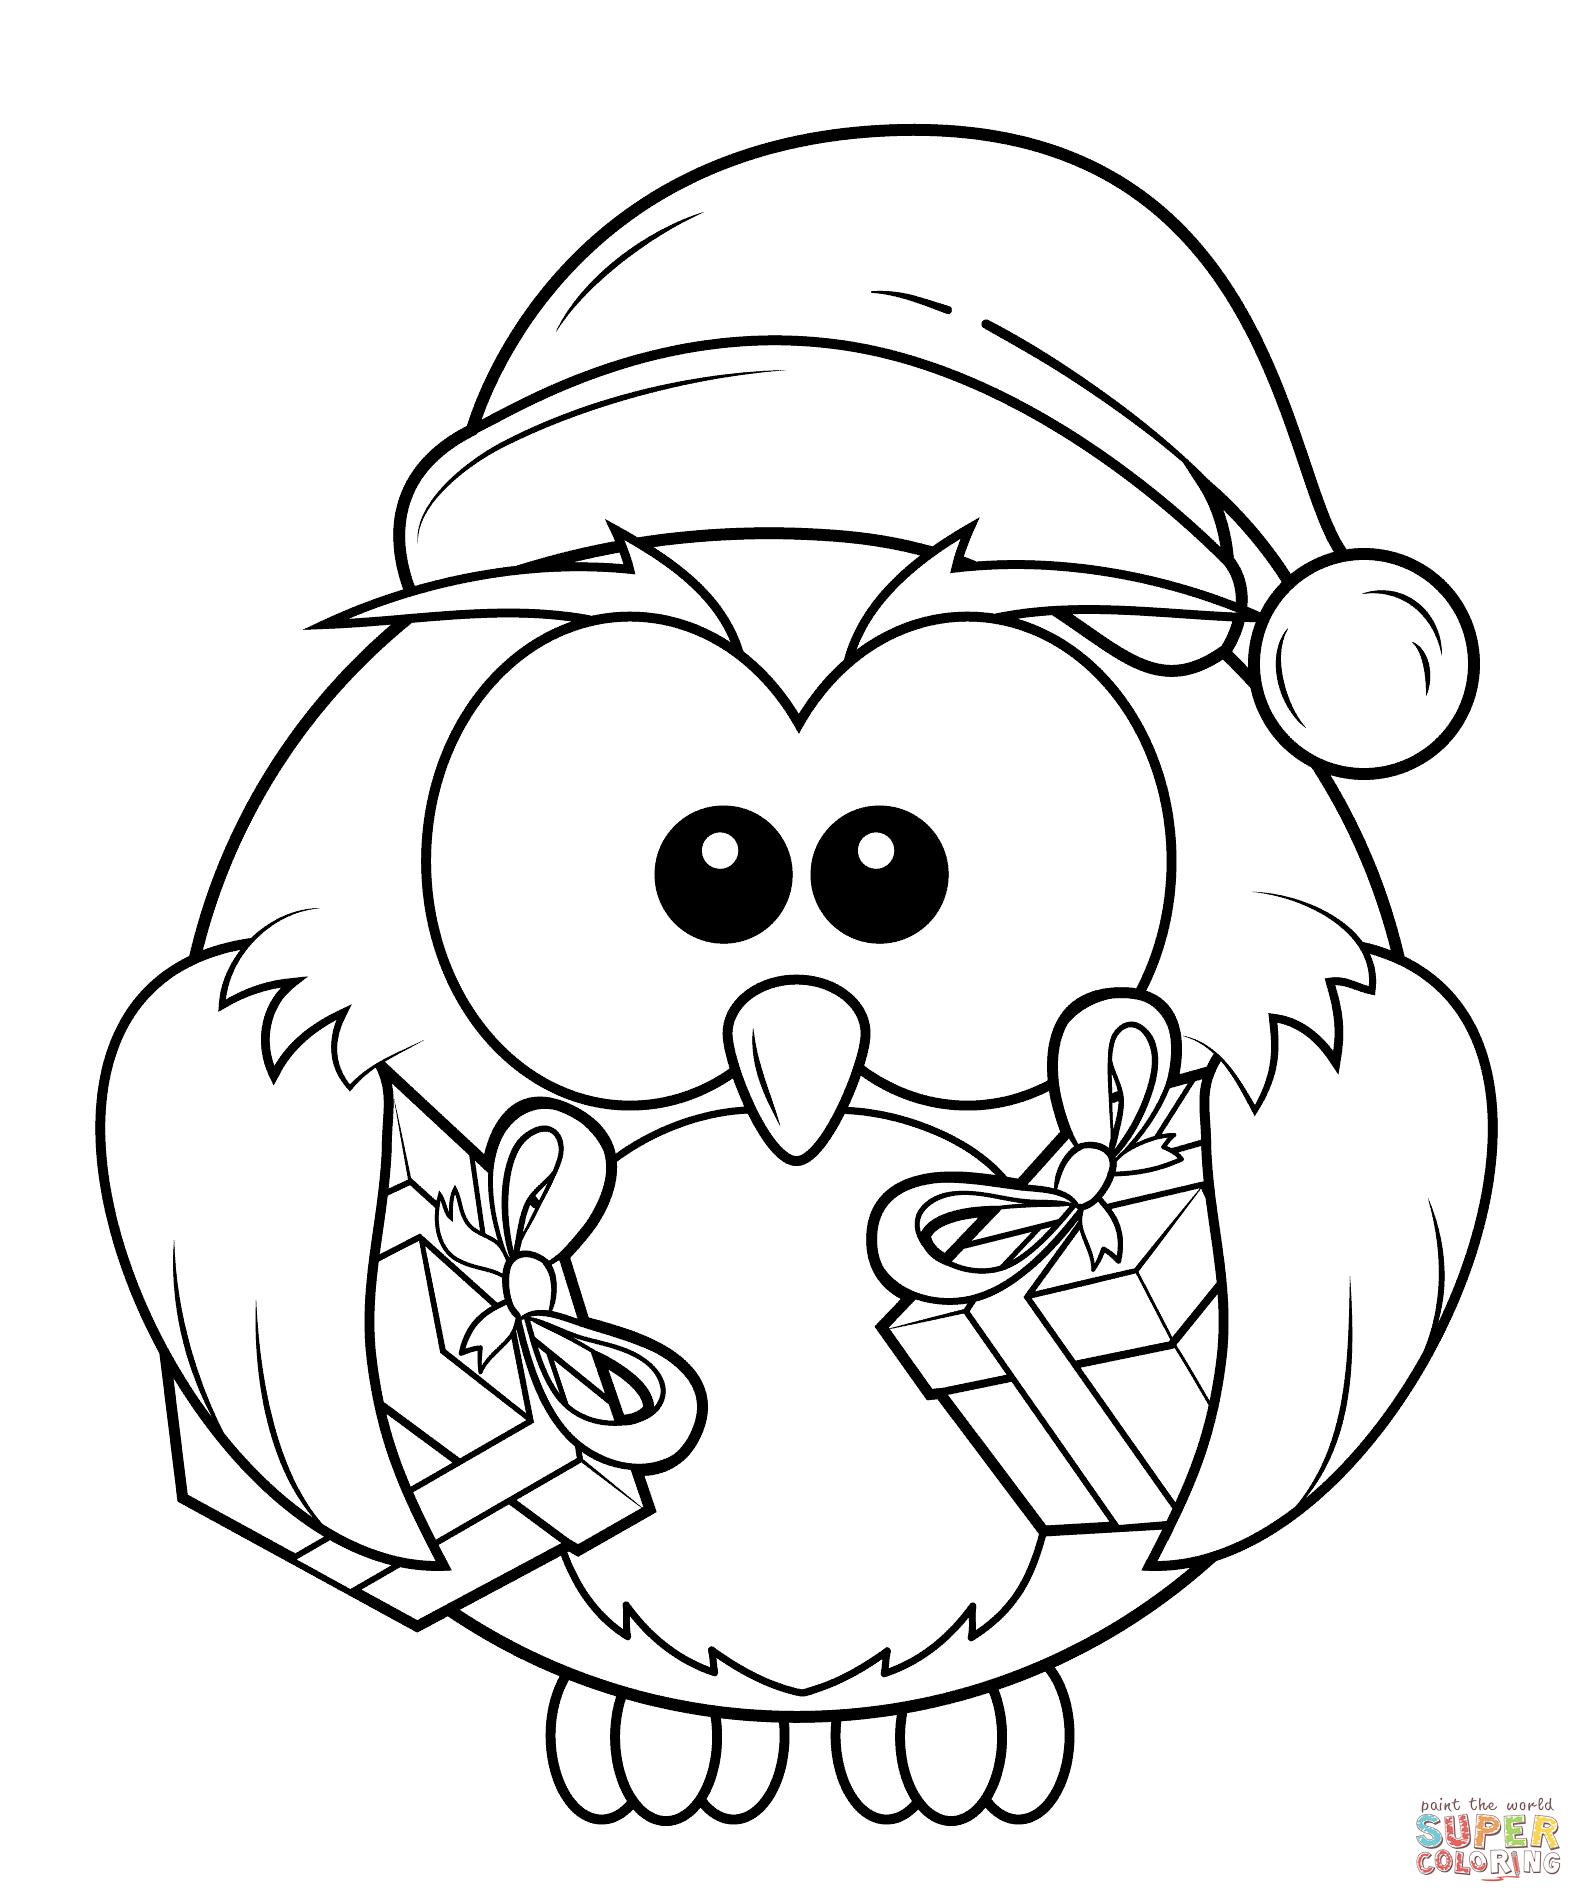 Owl Christmas Coloring Pages 3 By Kyle Fensterbilder Weihnachten Basteln Weihnachtsmalvorlagen Weihnachten Zeichnung